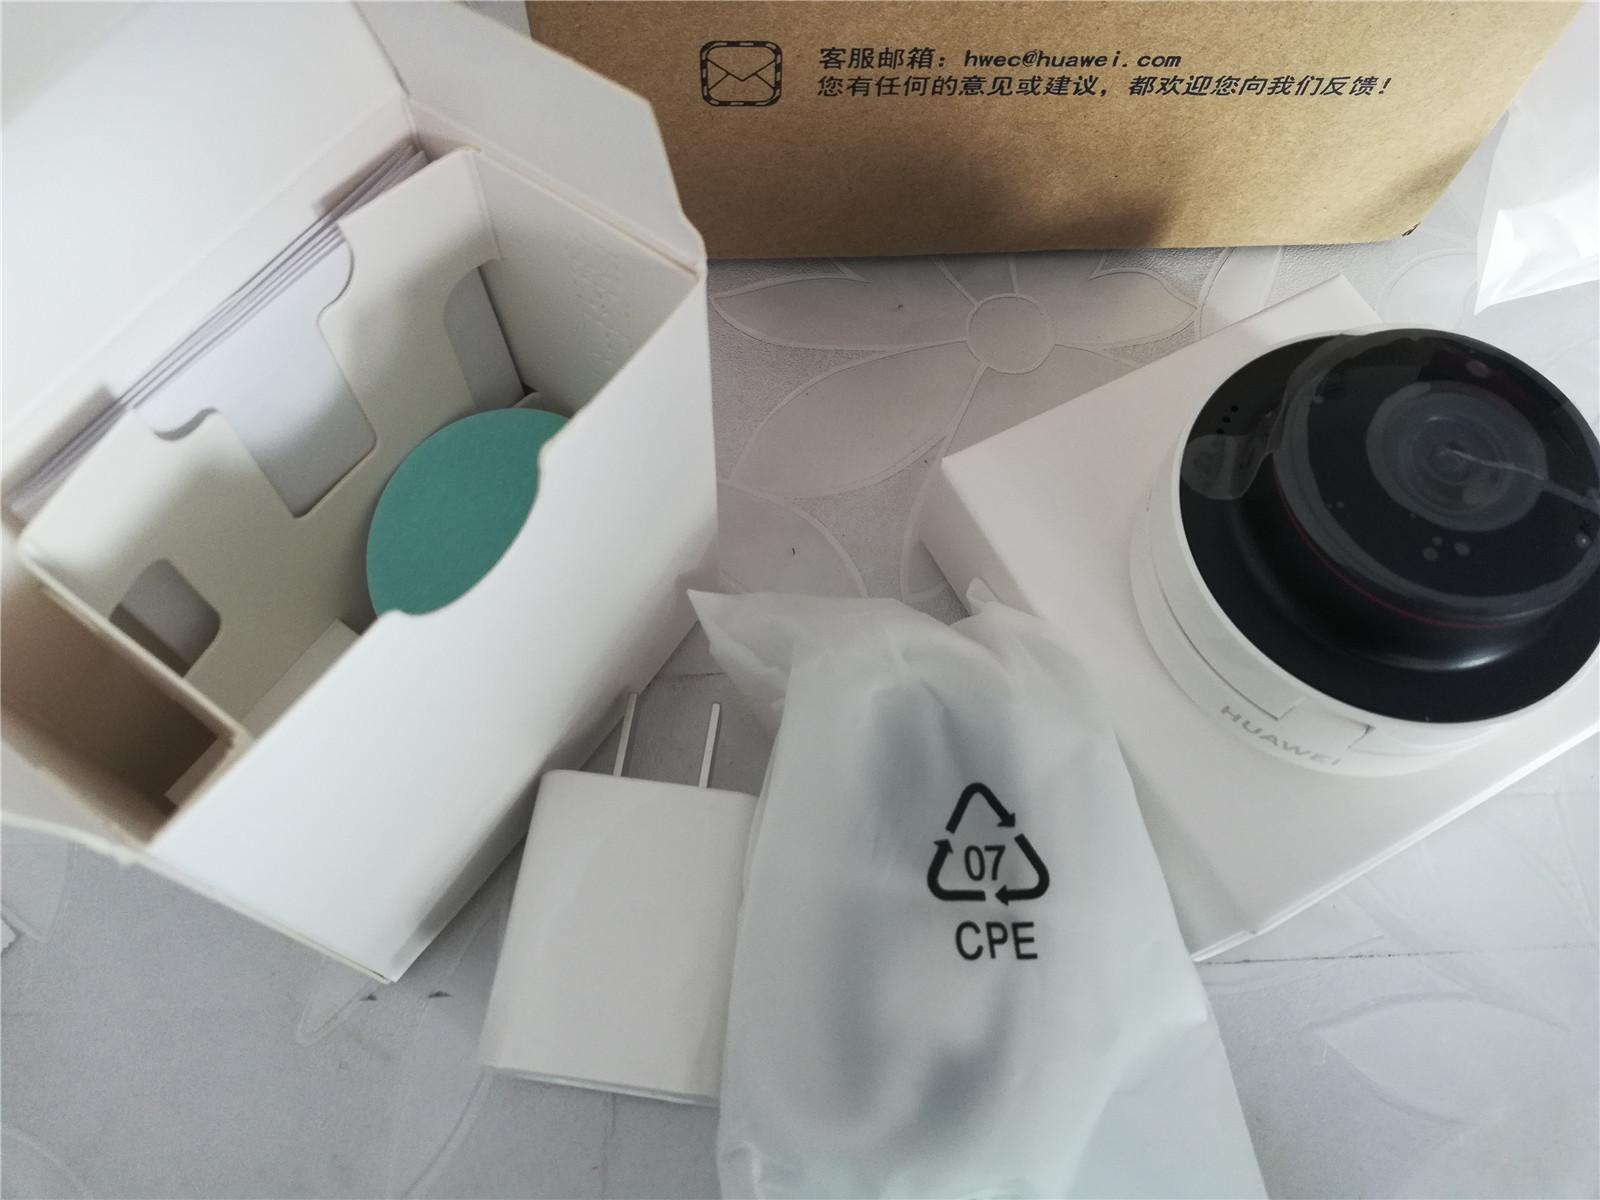 华为CV70安居智能防盗摄像头拆机使用小记